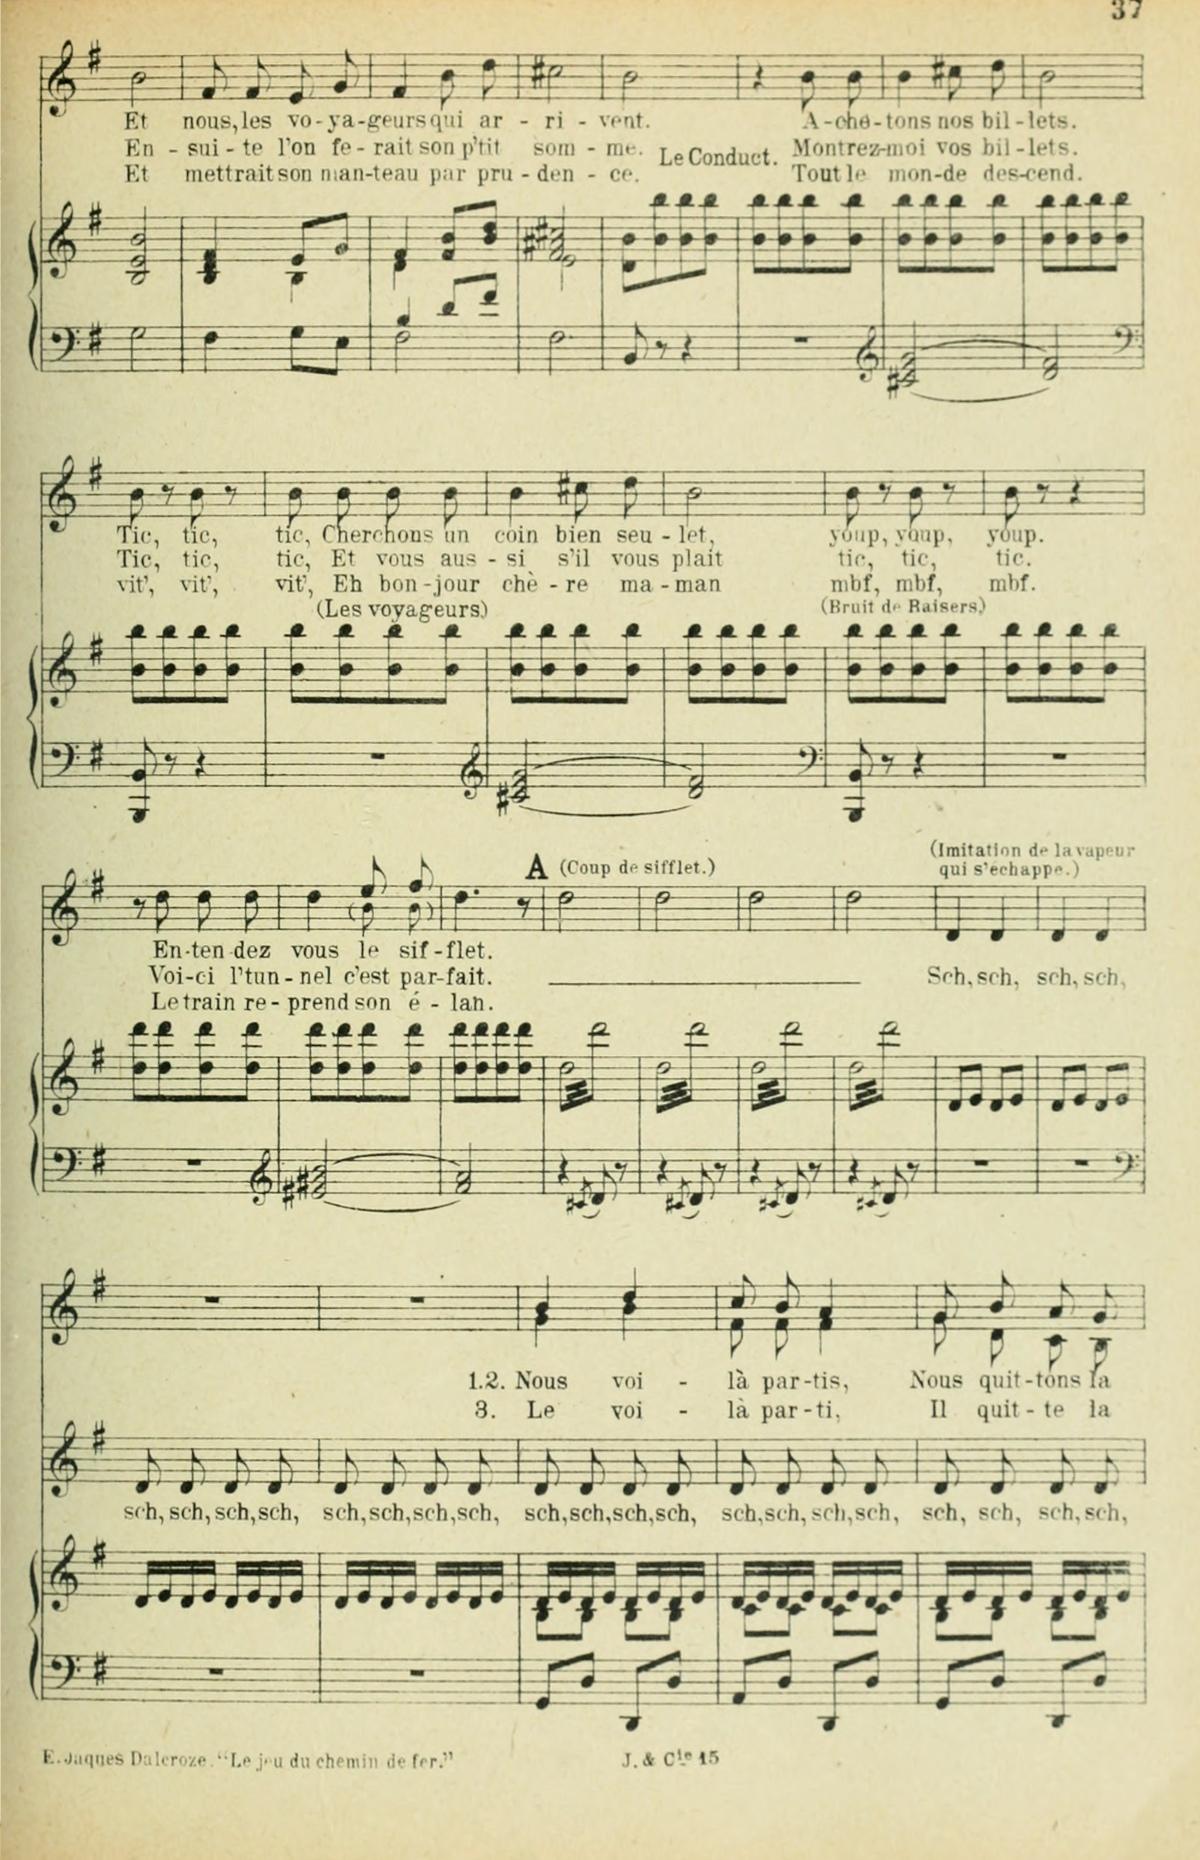 Extrait 2 de la partition publiée dans le recueil «<i>Chansons d'Enfants</i>», Op. 42